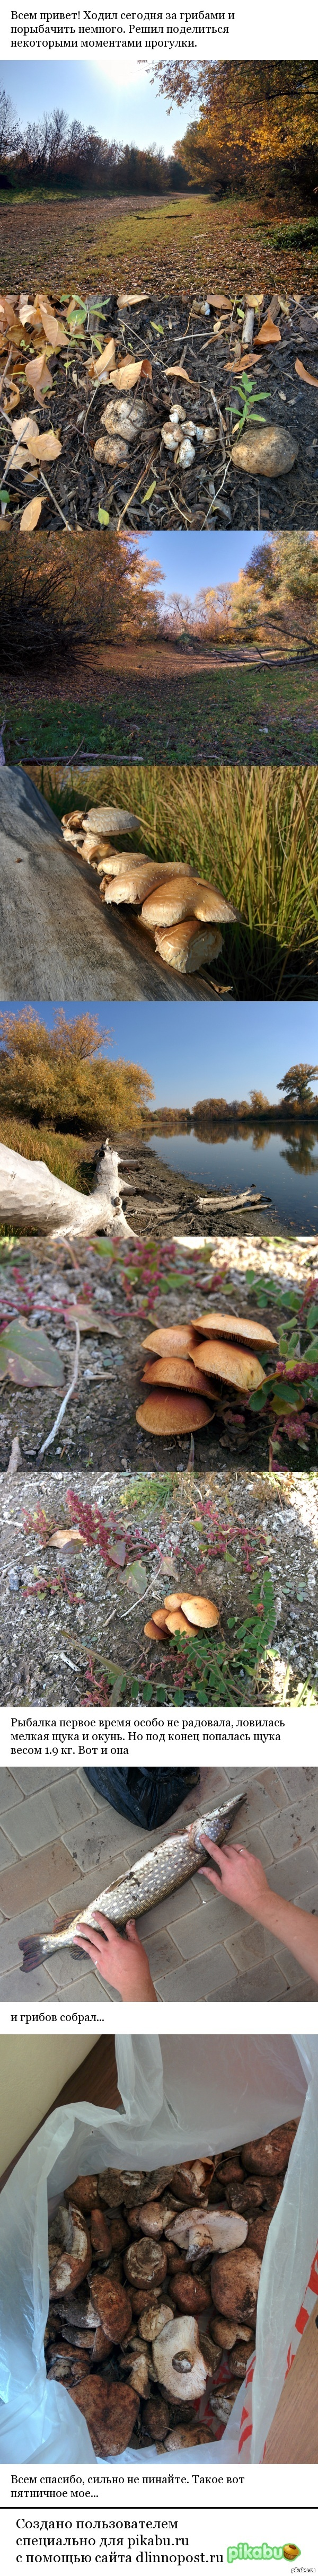 Моя пятничная прогулка Ходил на рыбалку и за грибами, благо работа прямо в лесу))